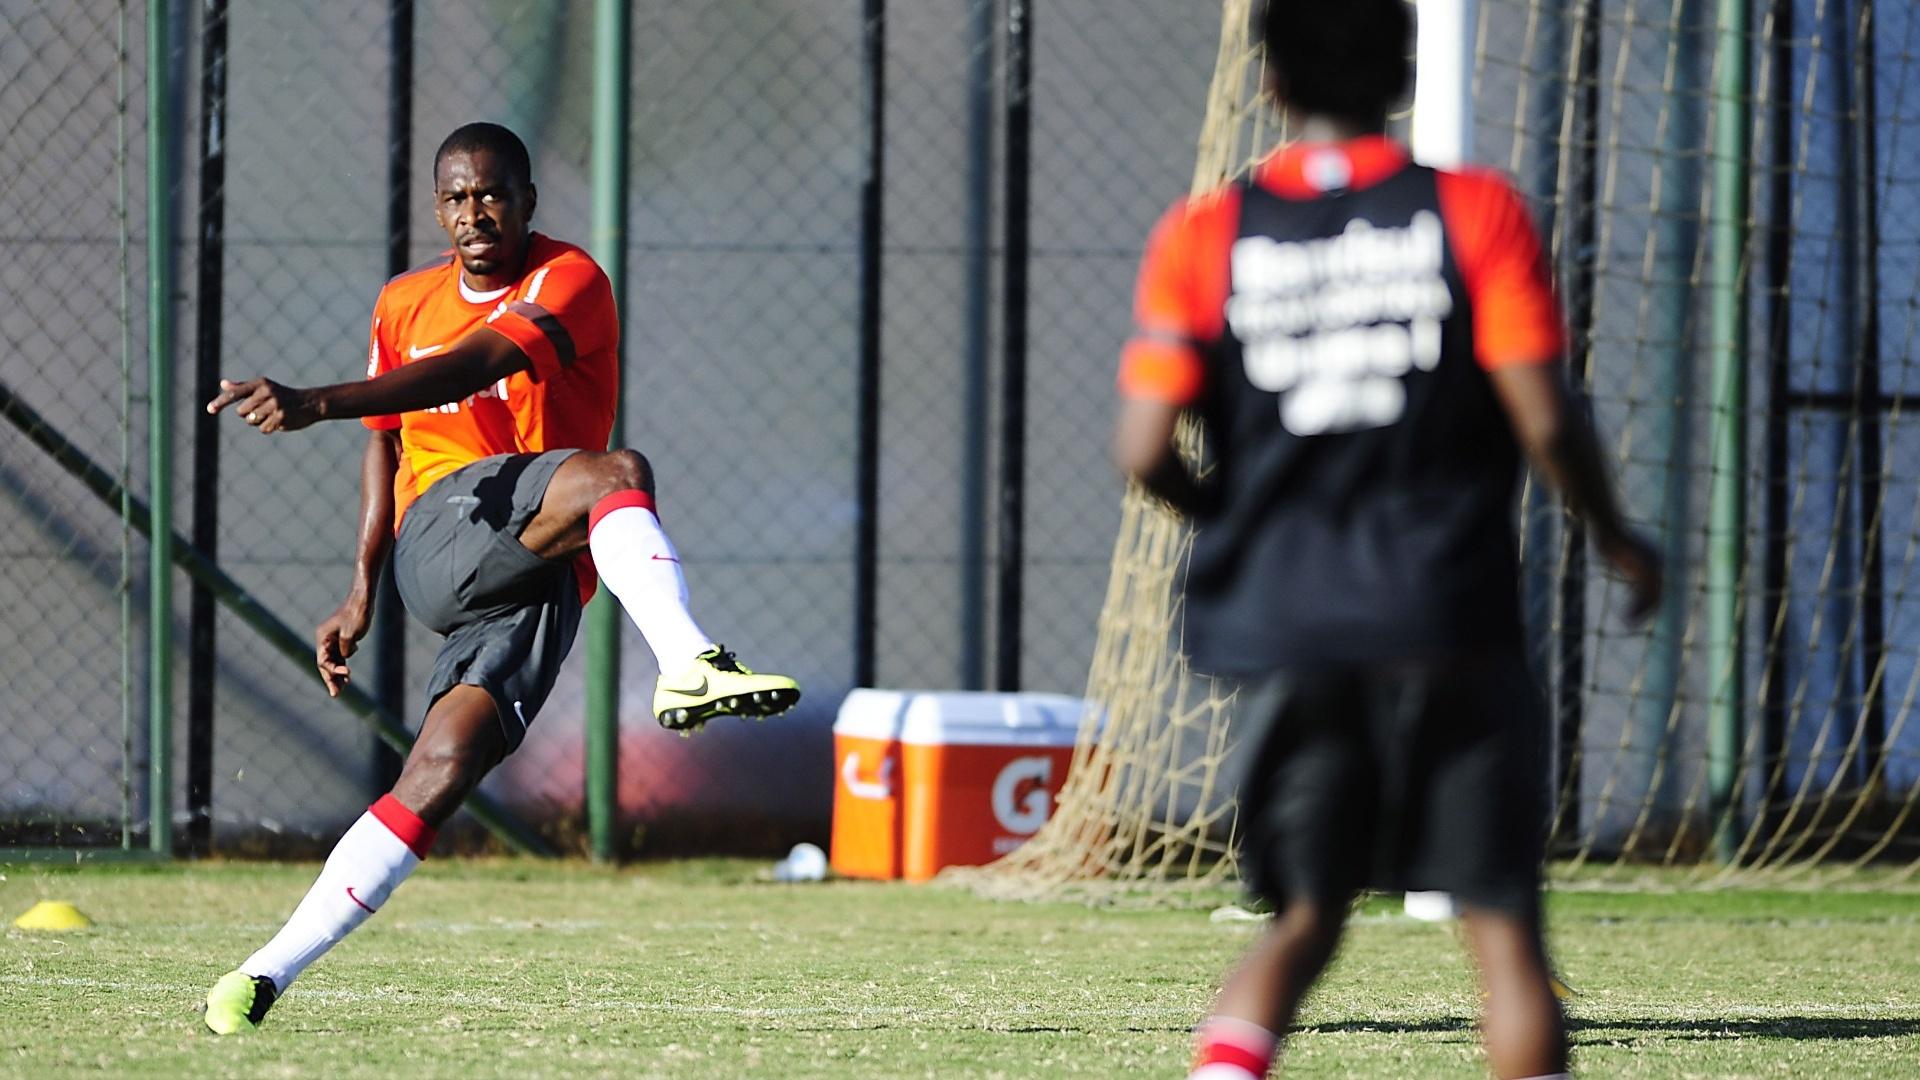 Zagueiro Juan faz lançamento em treino tático do Internacional (28/03/13)